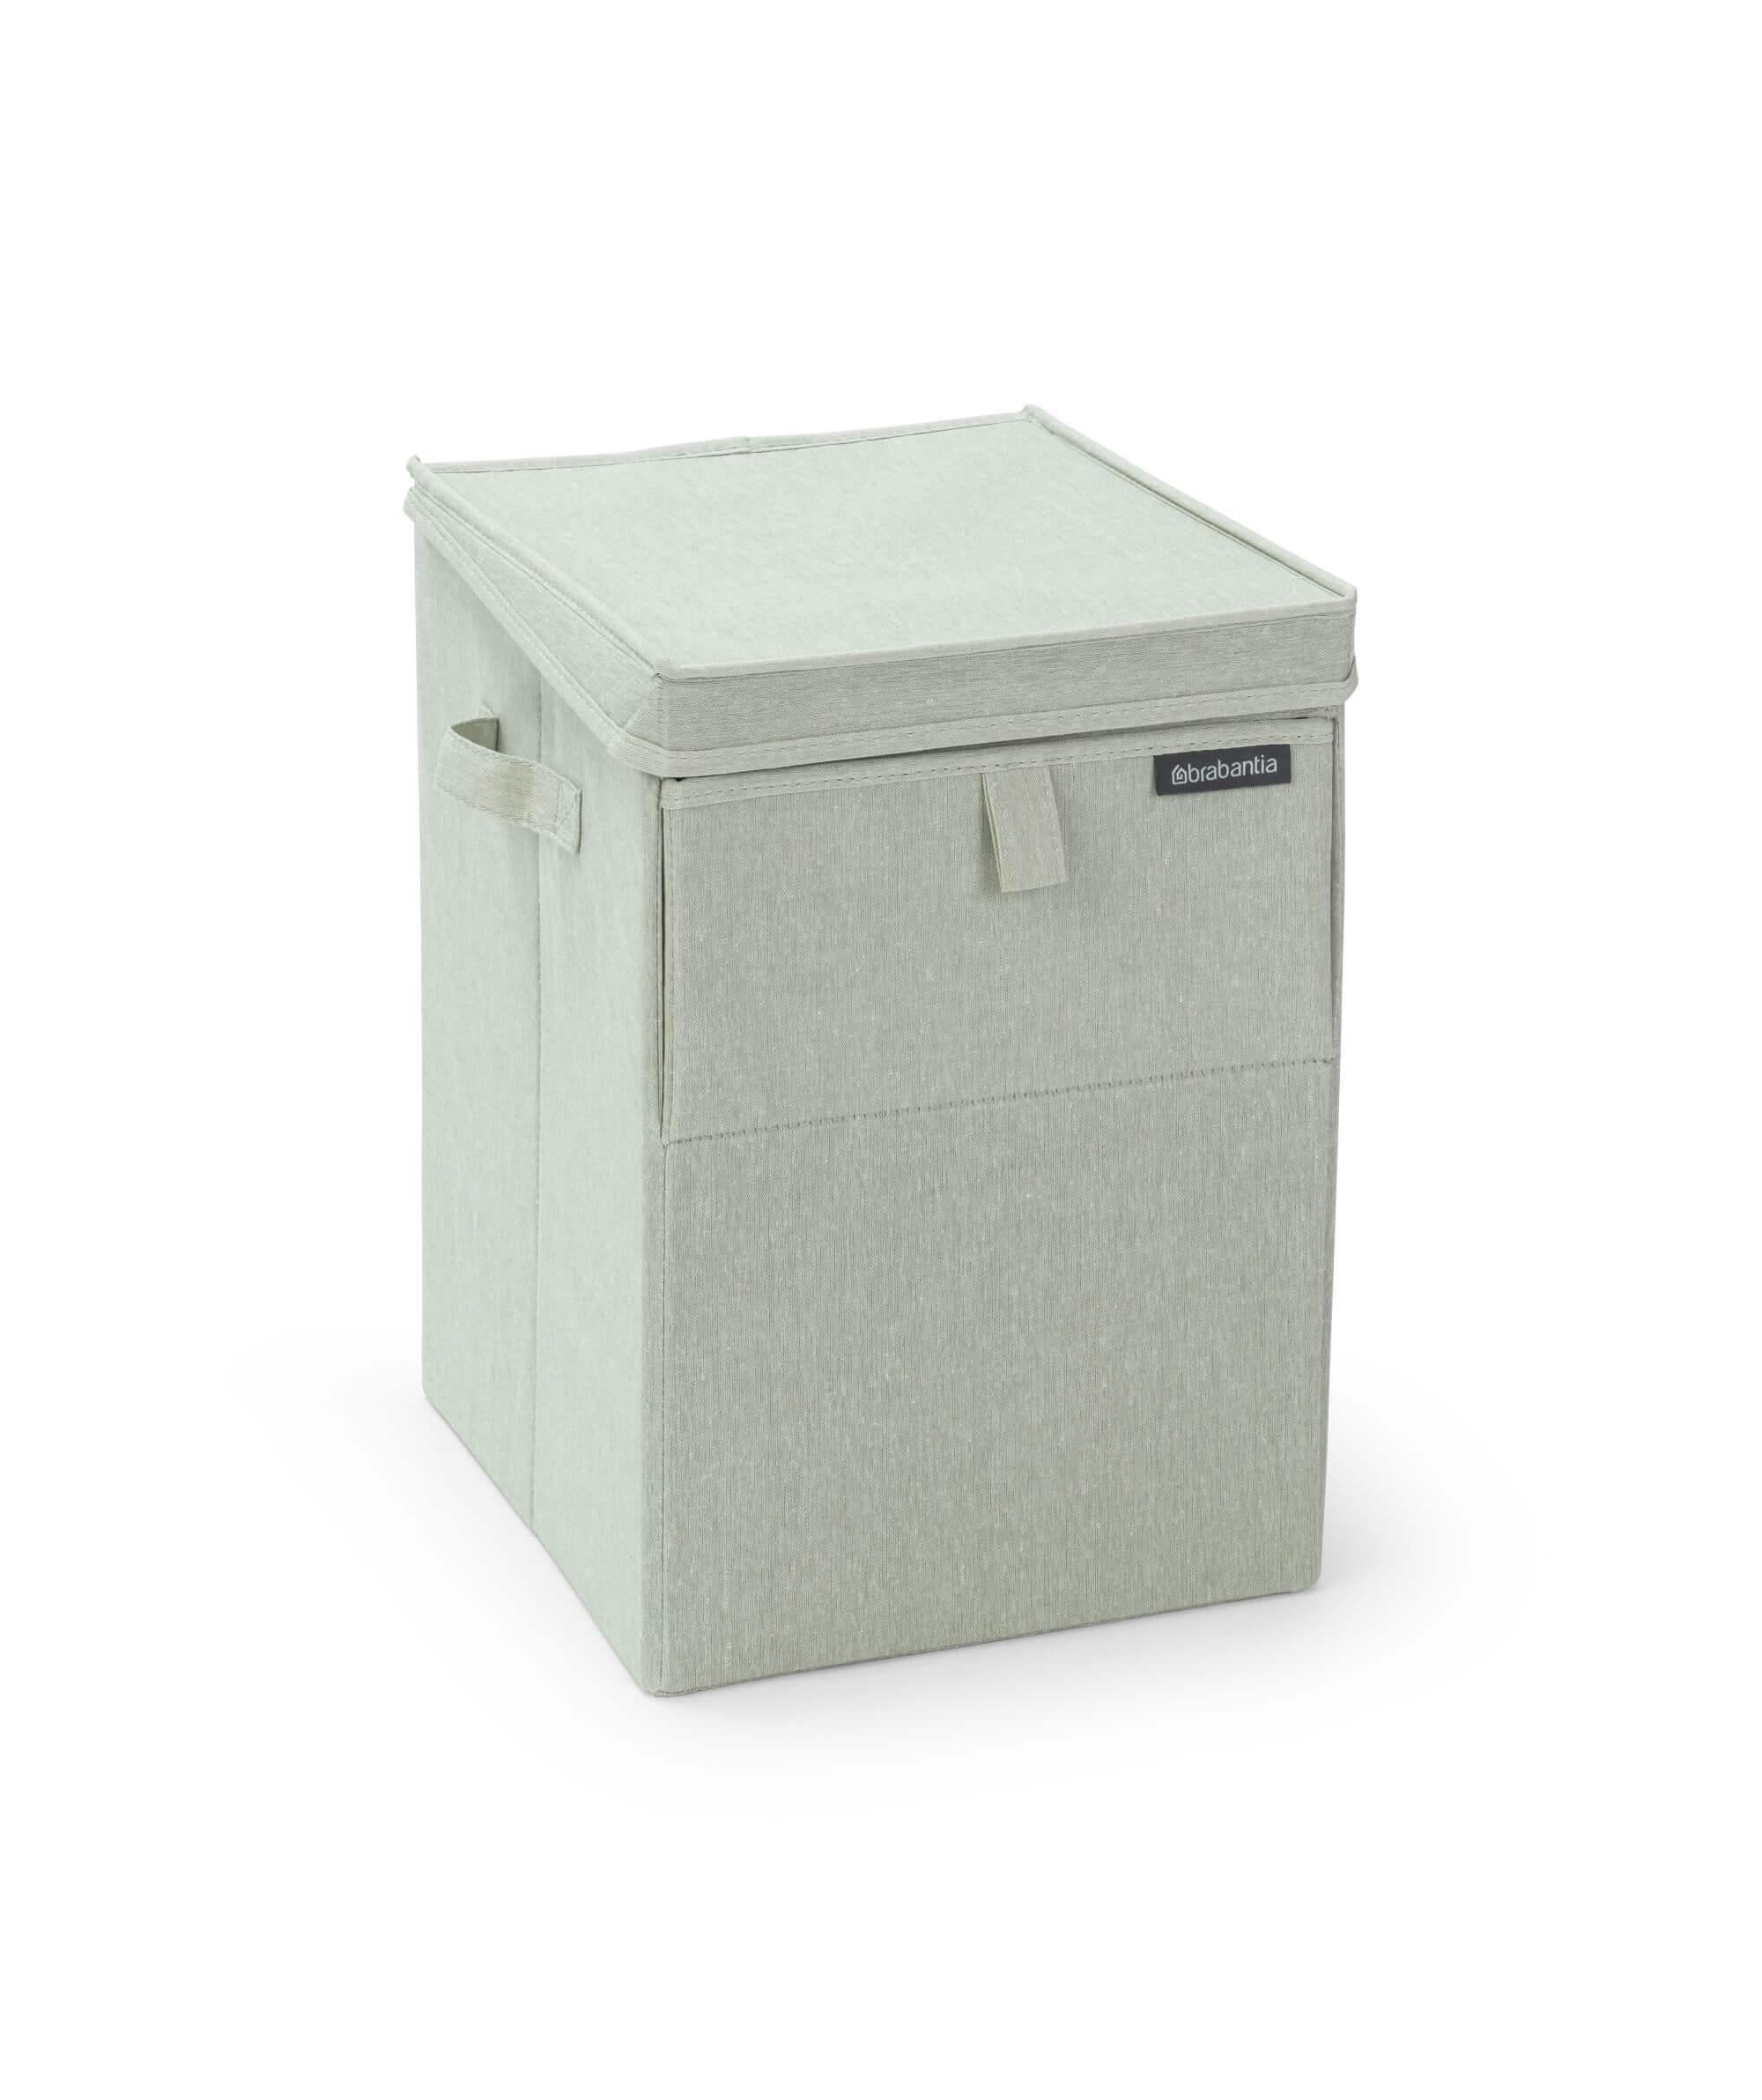 Brabantia Wasbox 50 Liter Matt Steel.Brabantia Wasbox Stapelbaar 35 Liter Green Brabantia Wasbox Stapelbaar 35 Liter Green